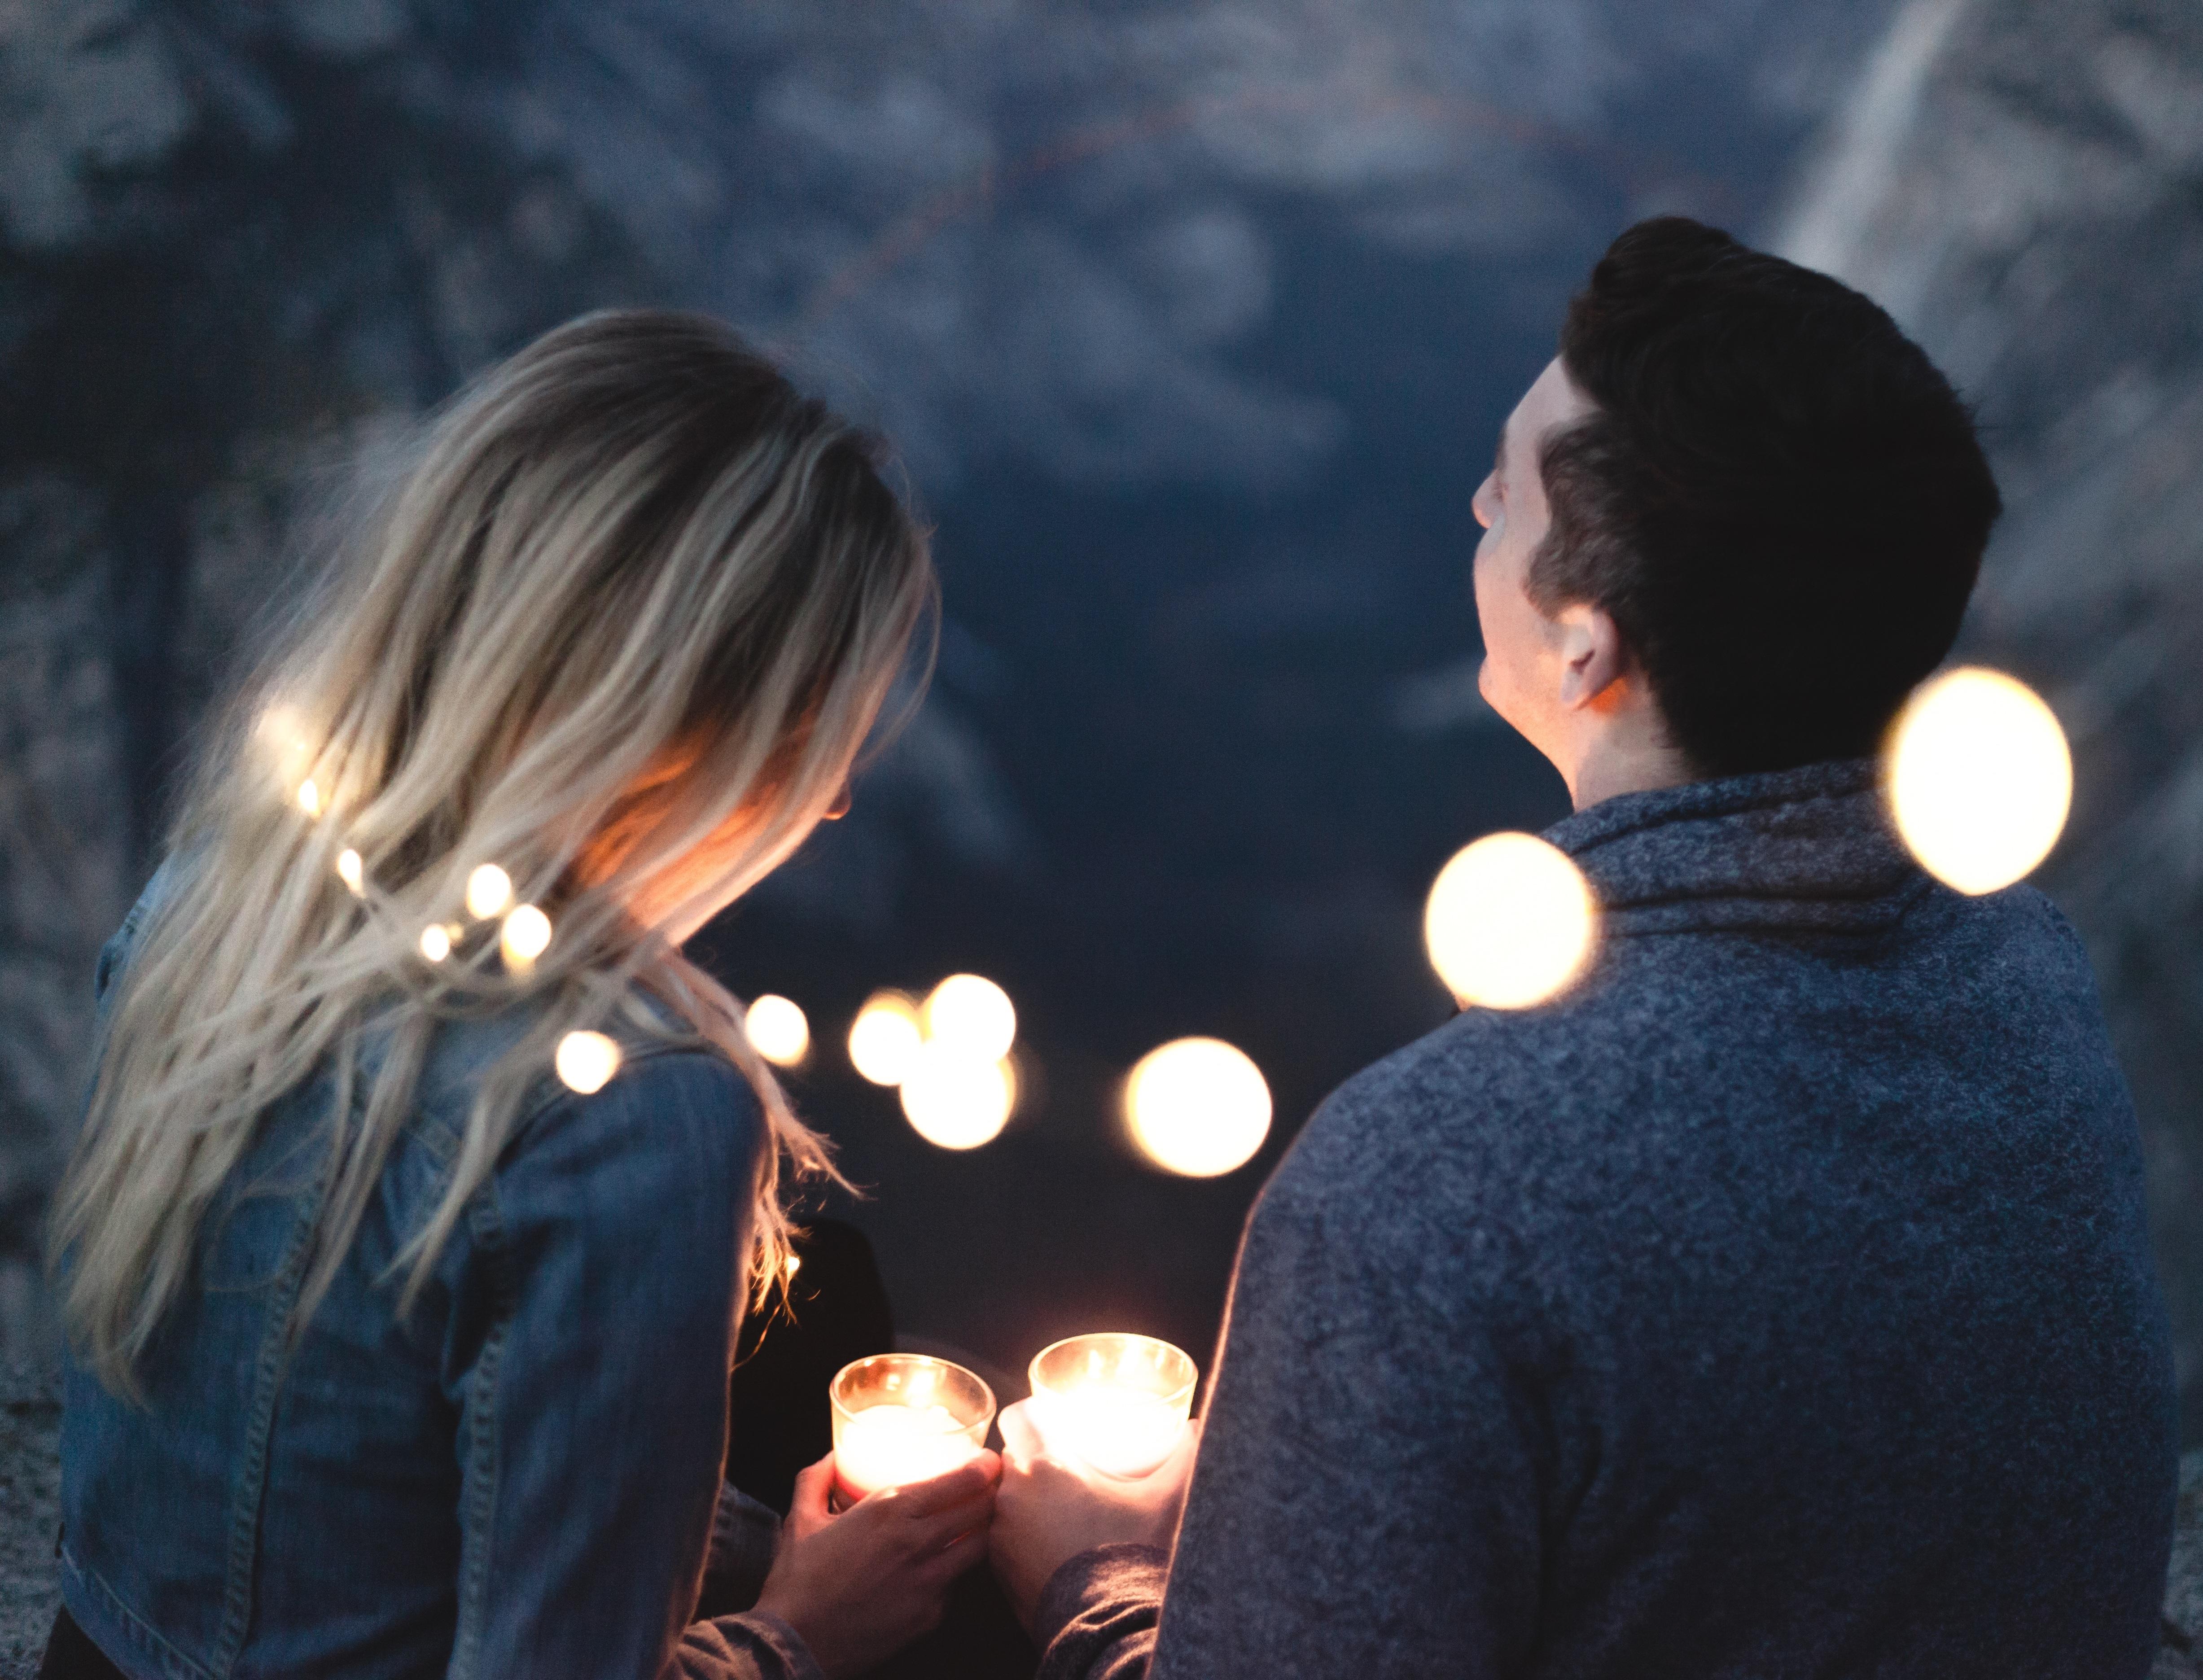 couple amour amitié homme femme